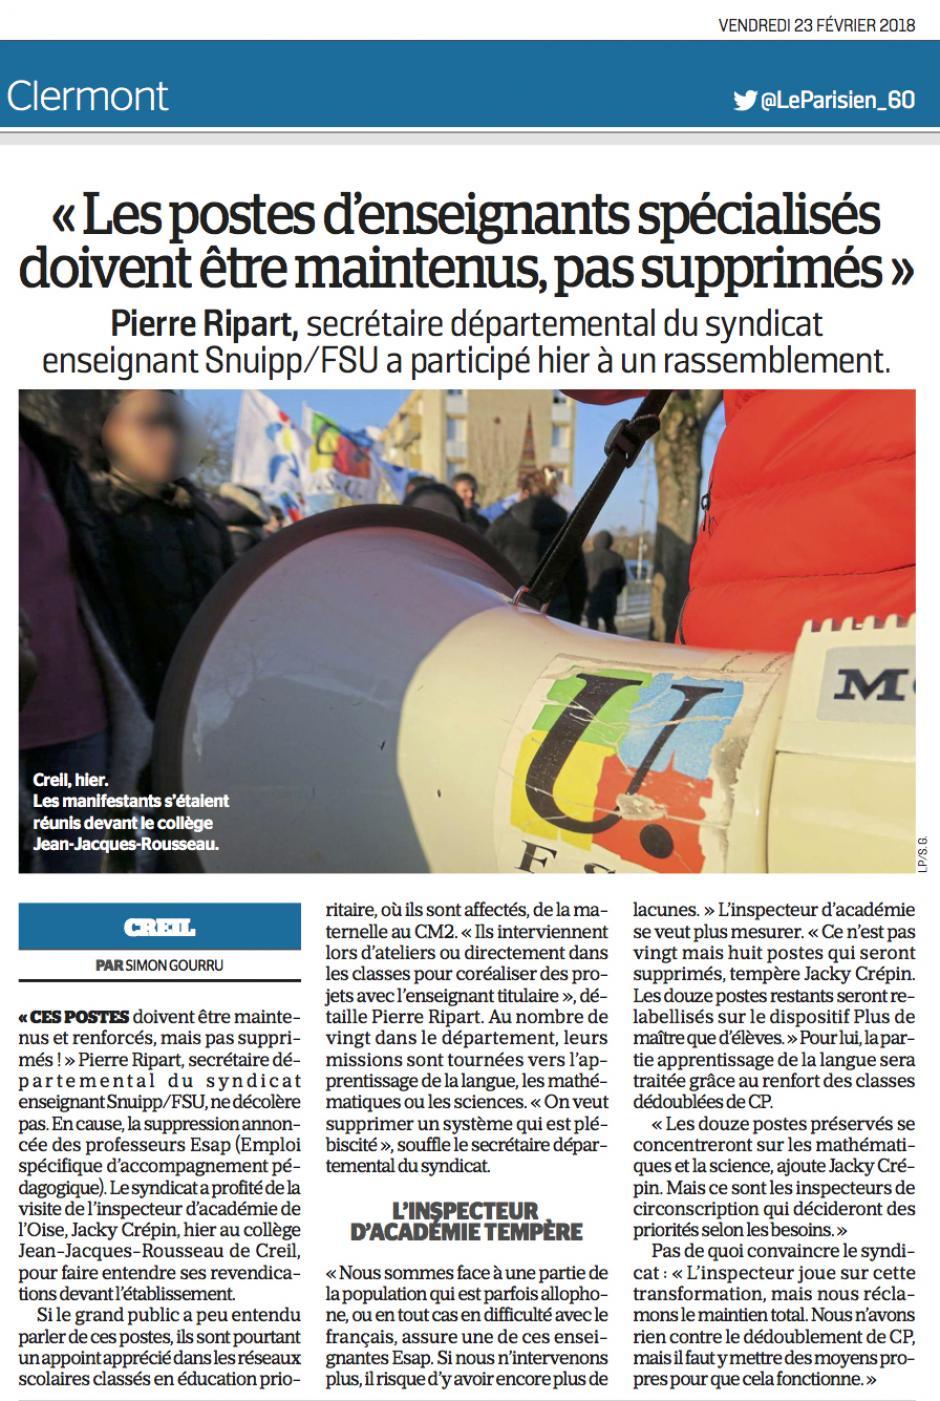 20180223-LeP-Creil-Pierre Ripart « Les postes d'enseignants spécialisés doivent être maintenus, pas supprimés »